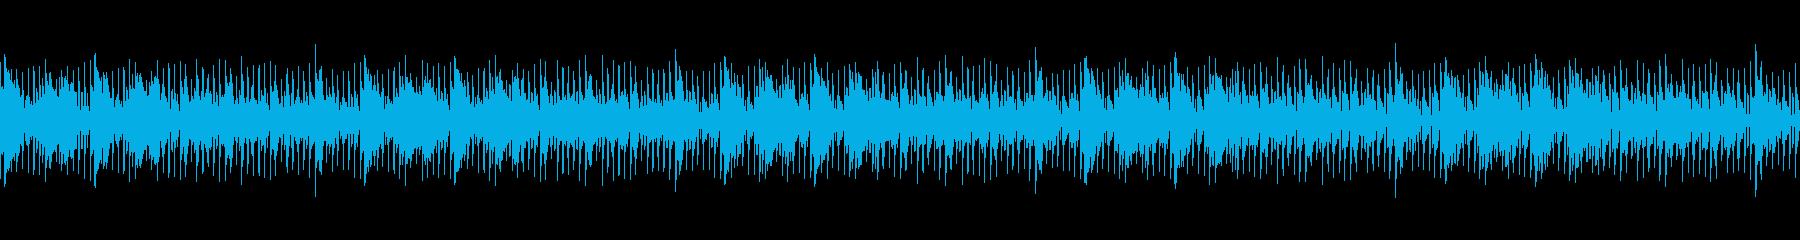 ホラーサスペンス系の怪しくも心地よい楽曲の再生済みの波形